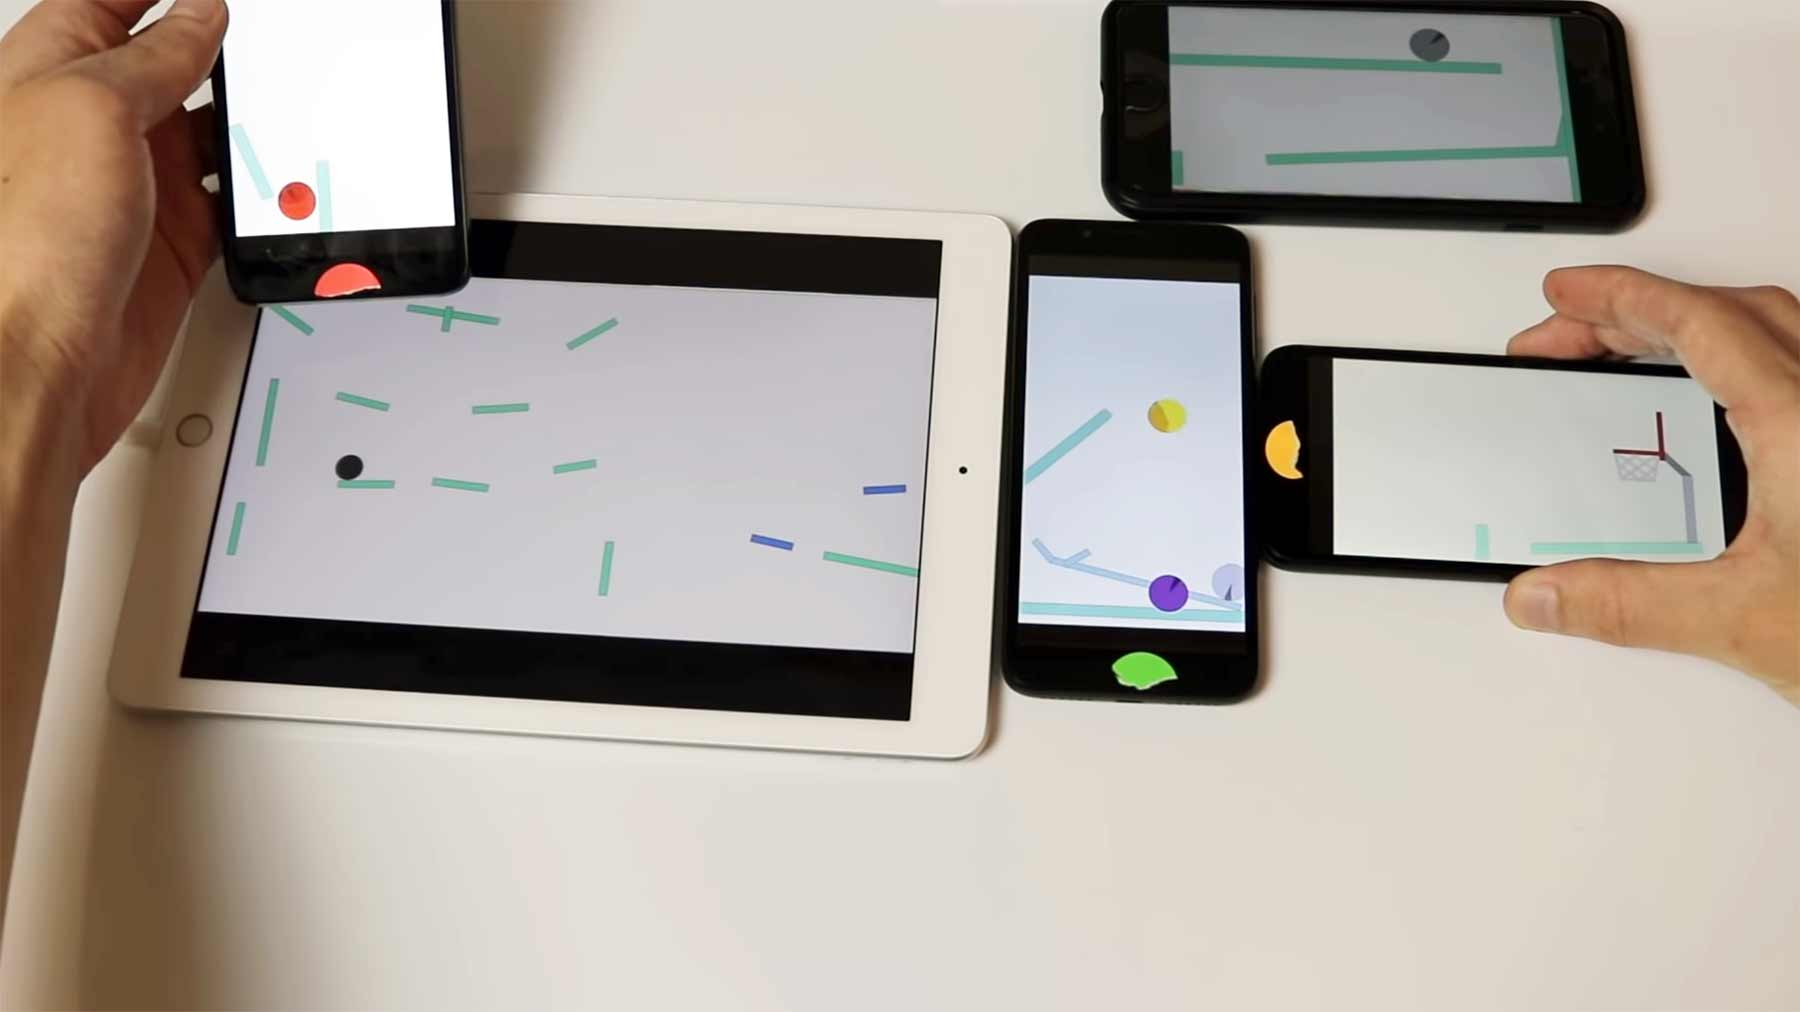 Murmel-Animation über mehrere Bildschirme hinweg